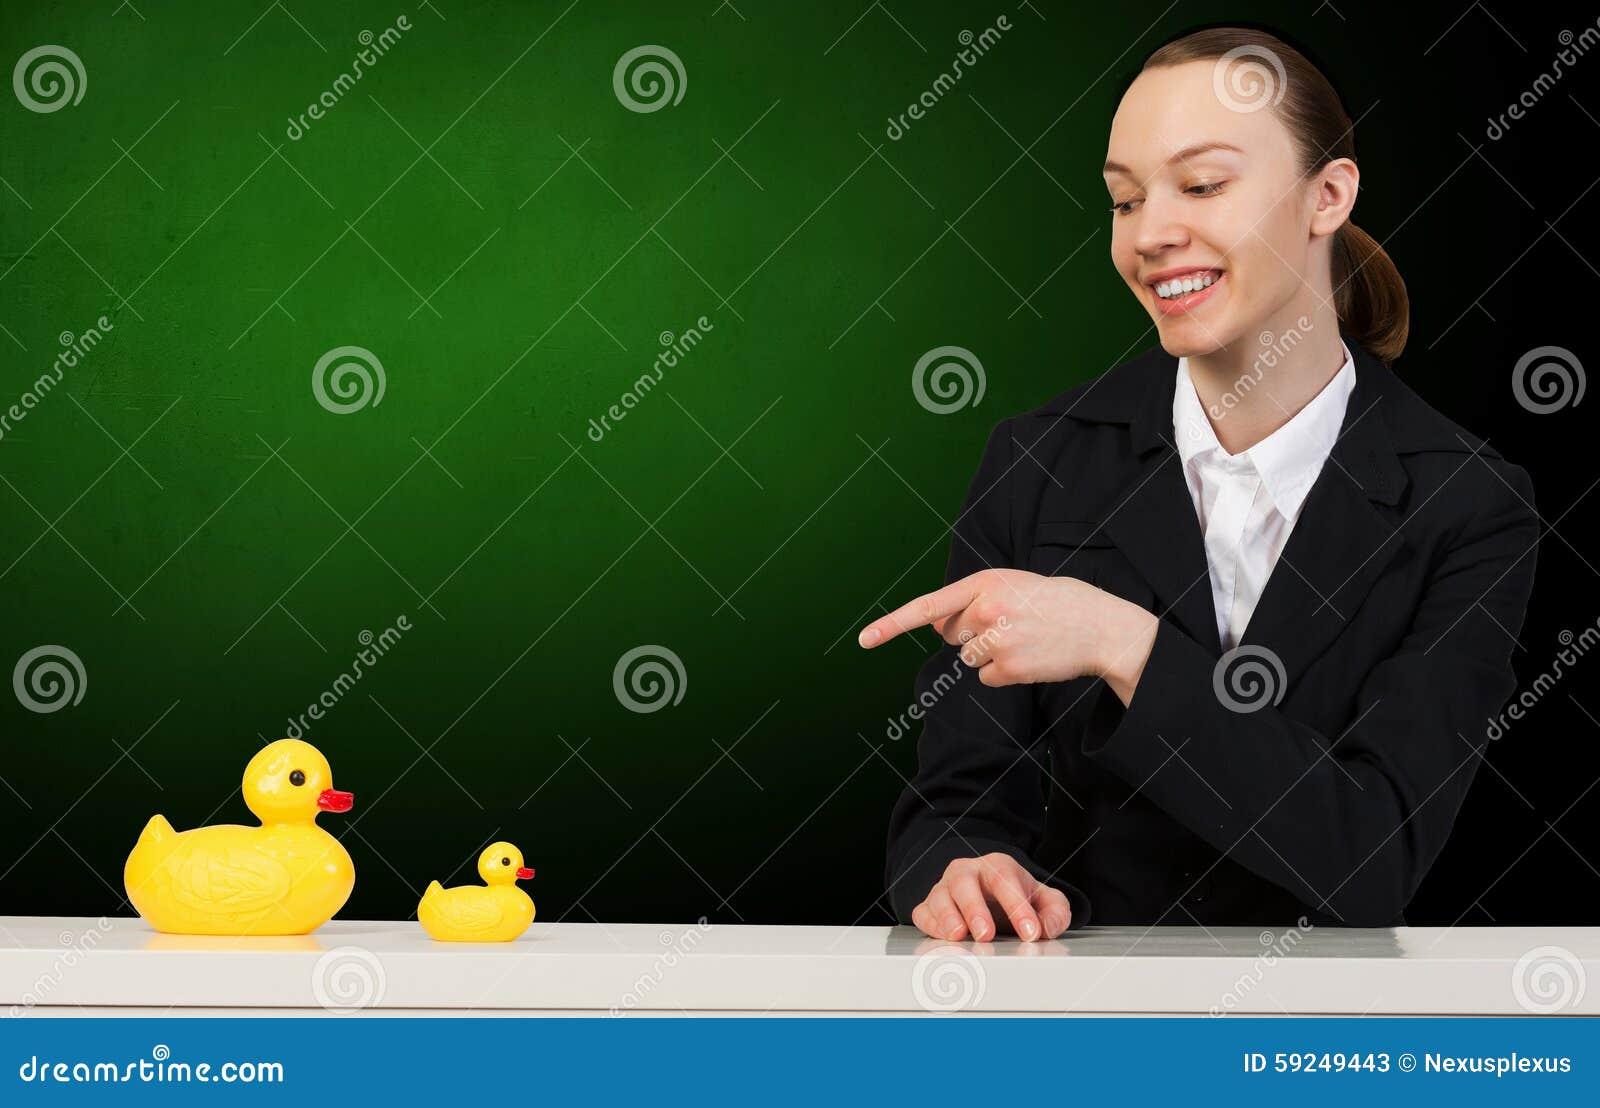 Mujer con el juguete del pato